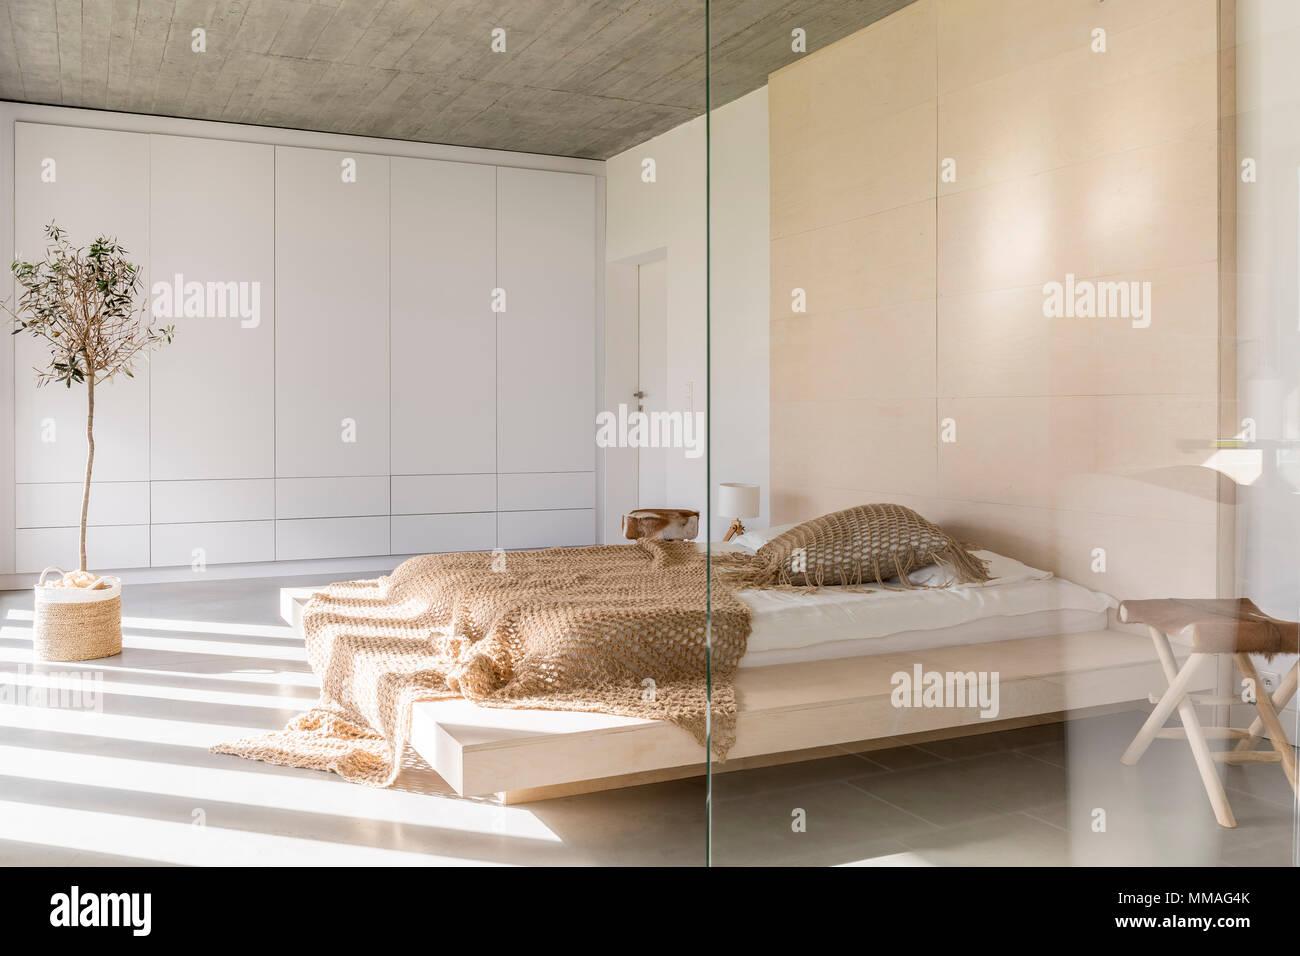 Chambre à coucher avec lit king size et armoire blanche Banque D ...